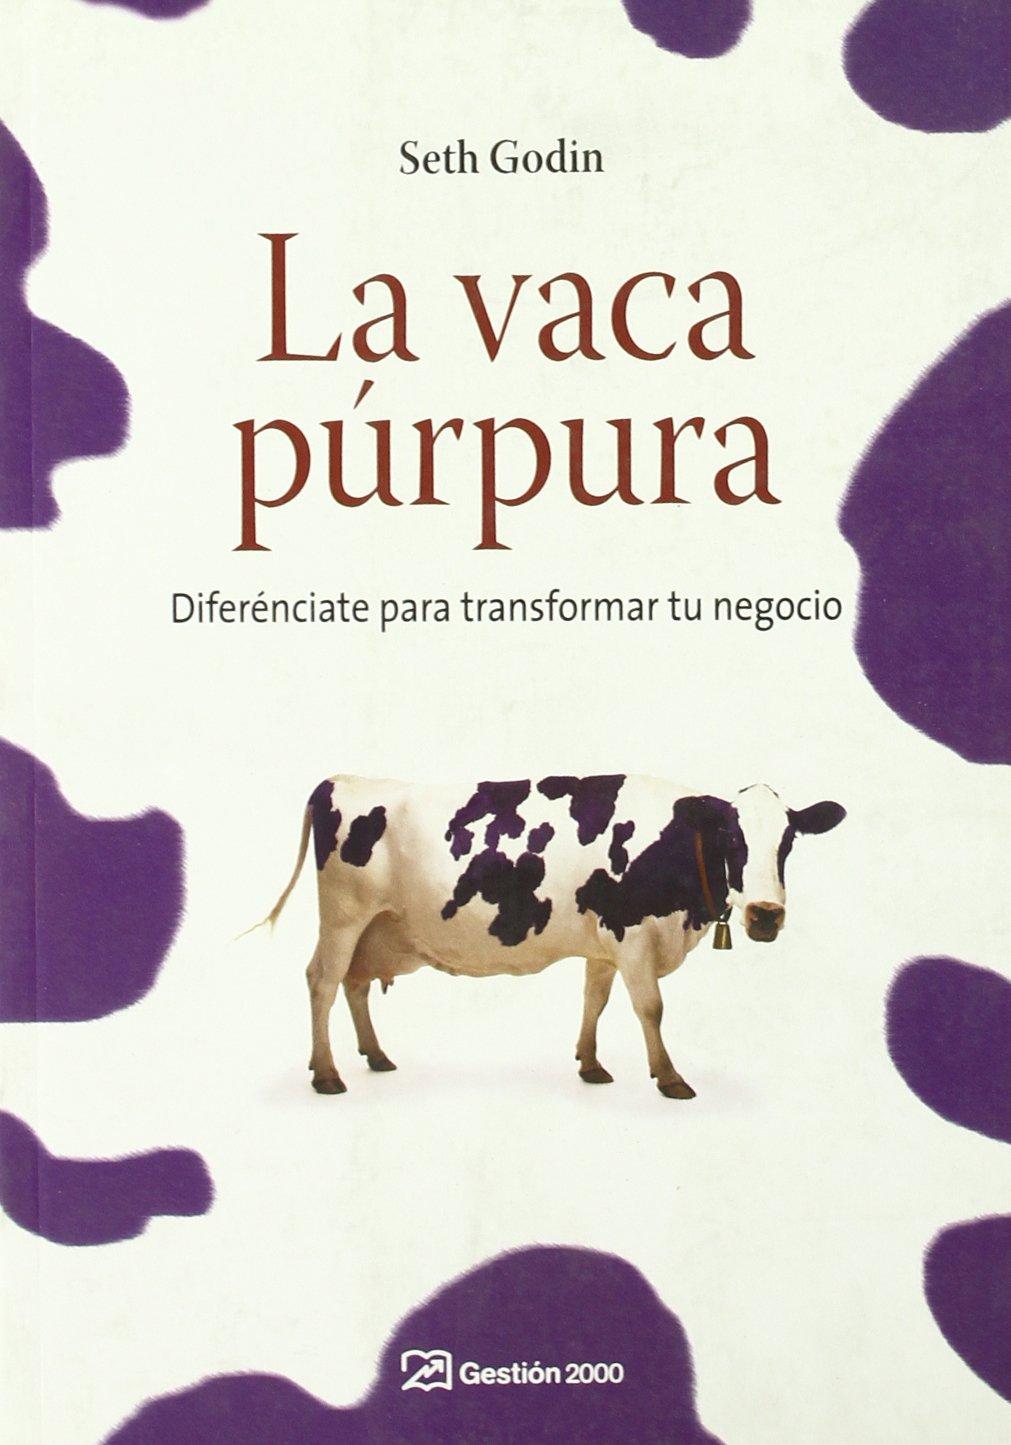 La vaca púrpura: Diferénciate para transformar tu negocio.